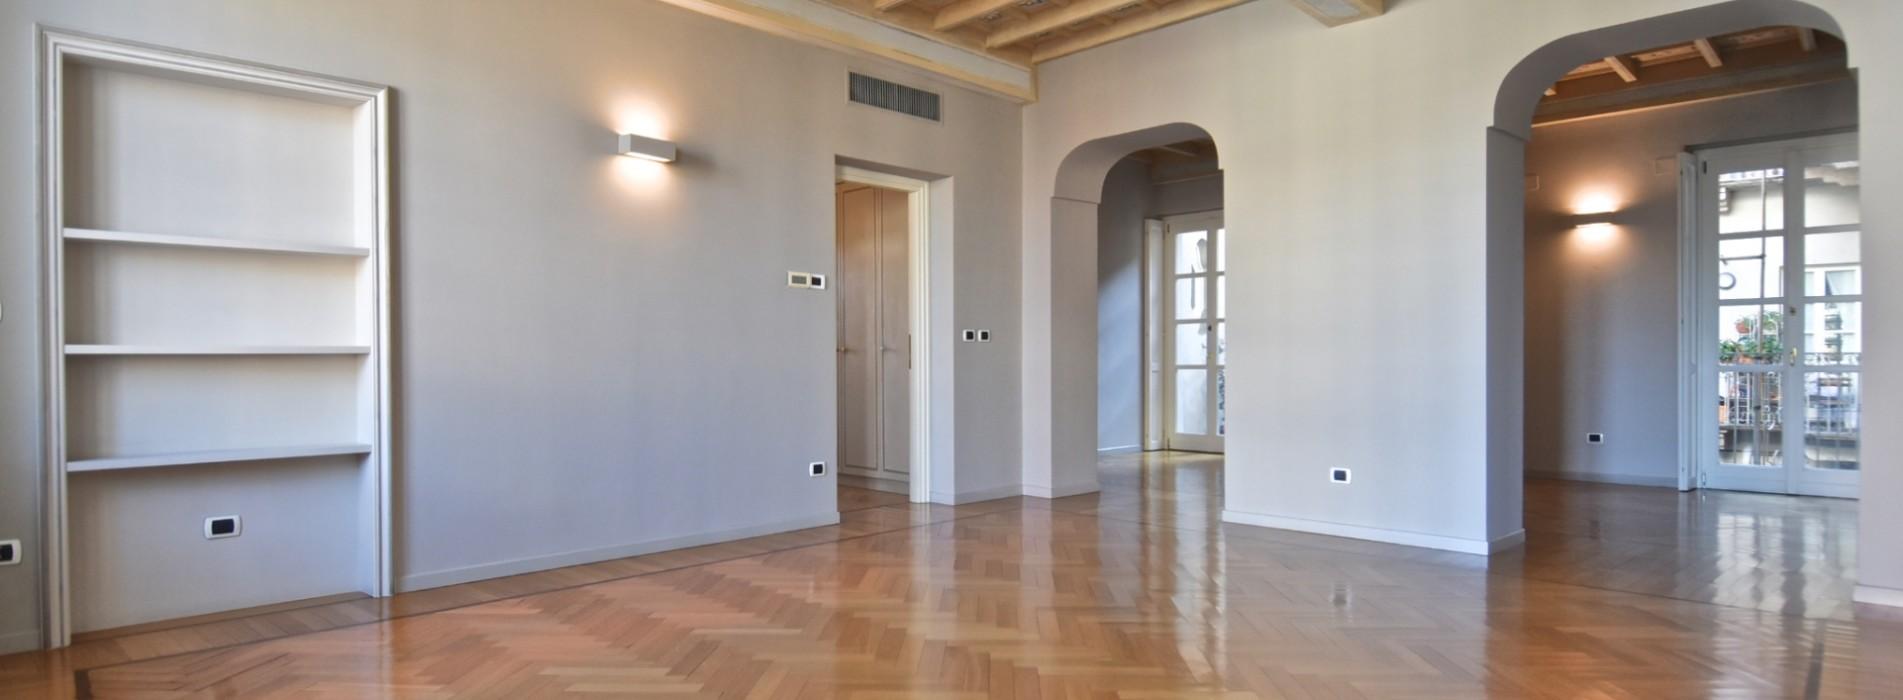 Affitto ampio appartamento Duomo ad.ze